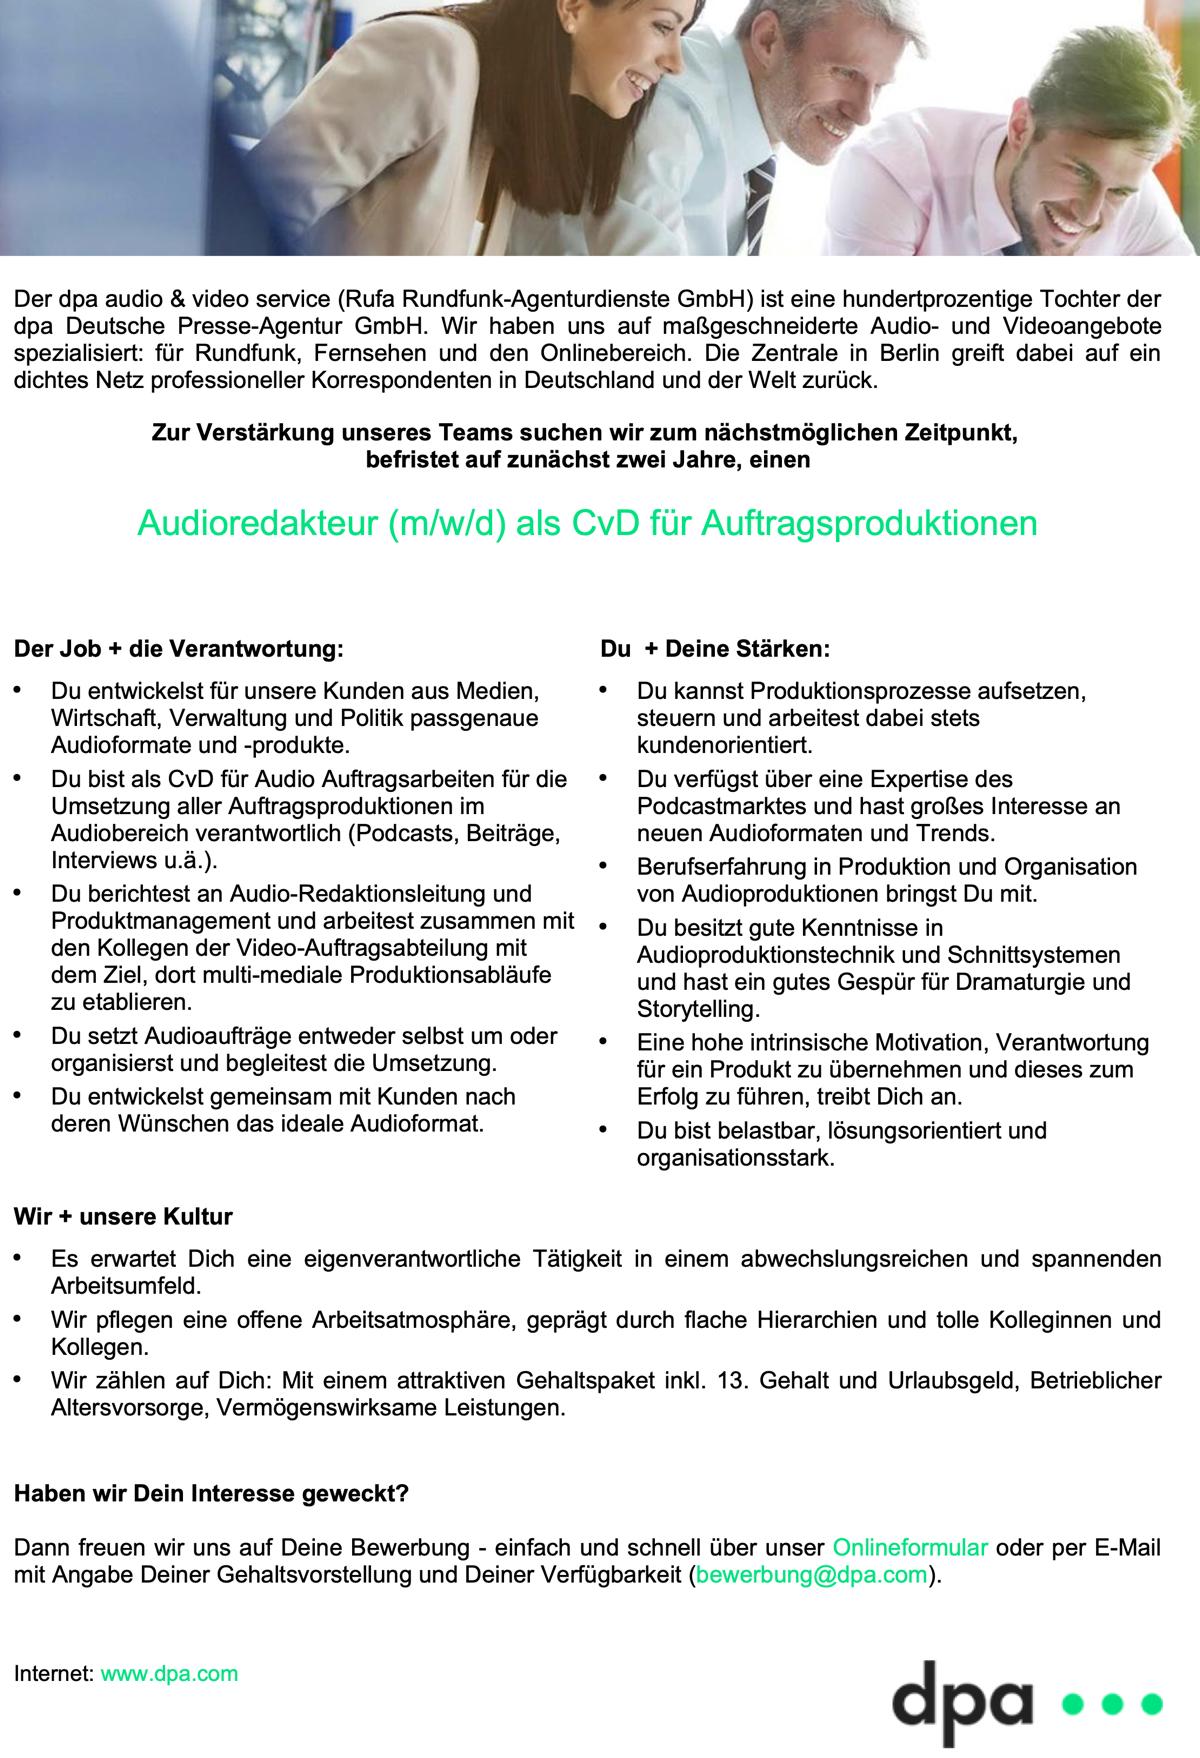 dpa audio & video service sucht Audioredakteur (m/w/d) als CvD für Auftragsproduktionen